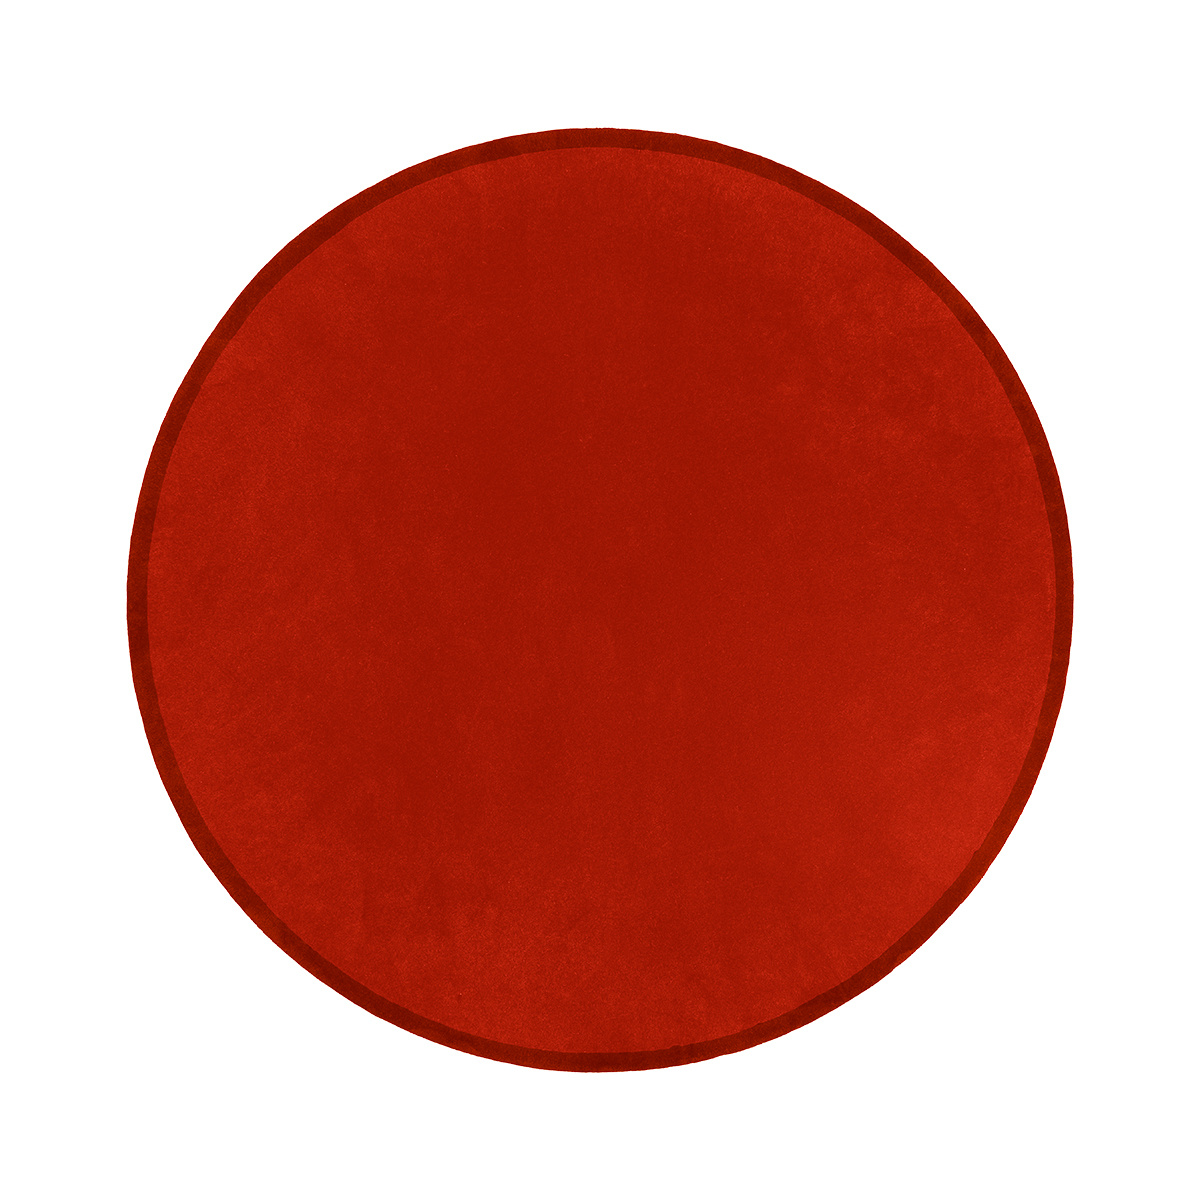 Luna Clay Red Round Rug